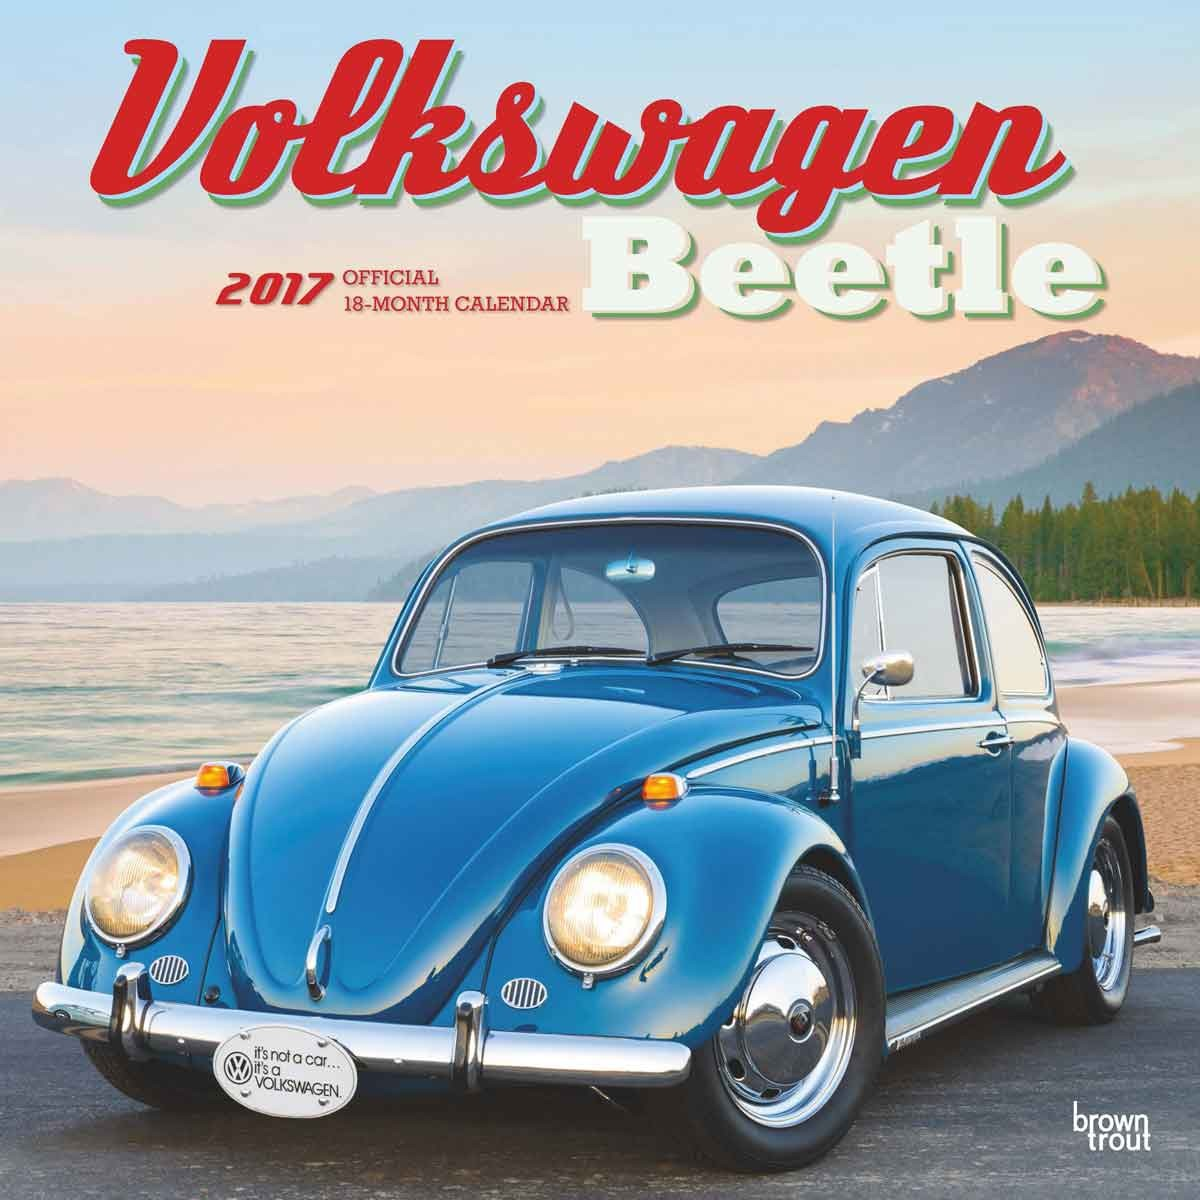 2019 Volkswagen Bus >> Volkswagen - Beetle - Calendarios 2018